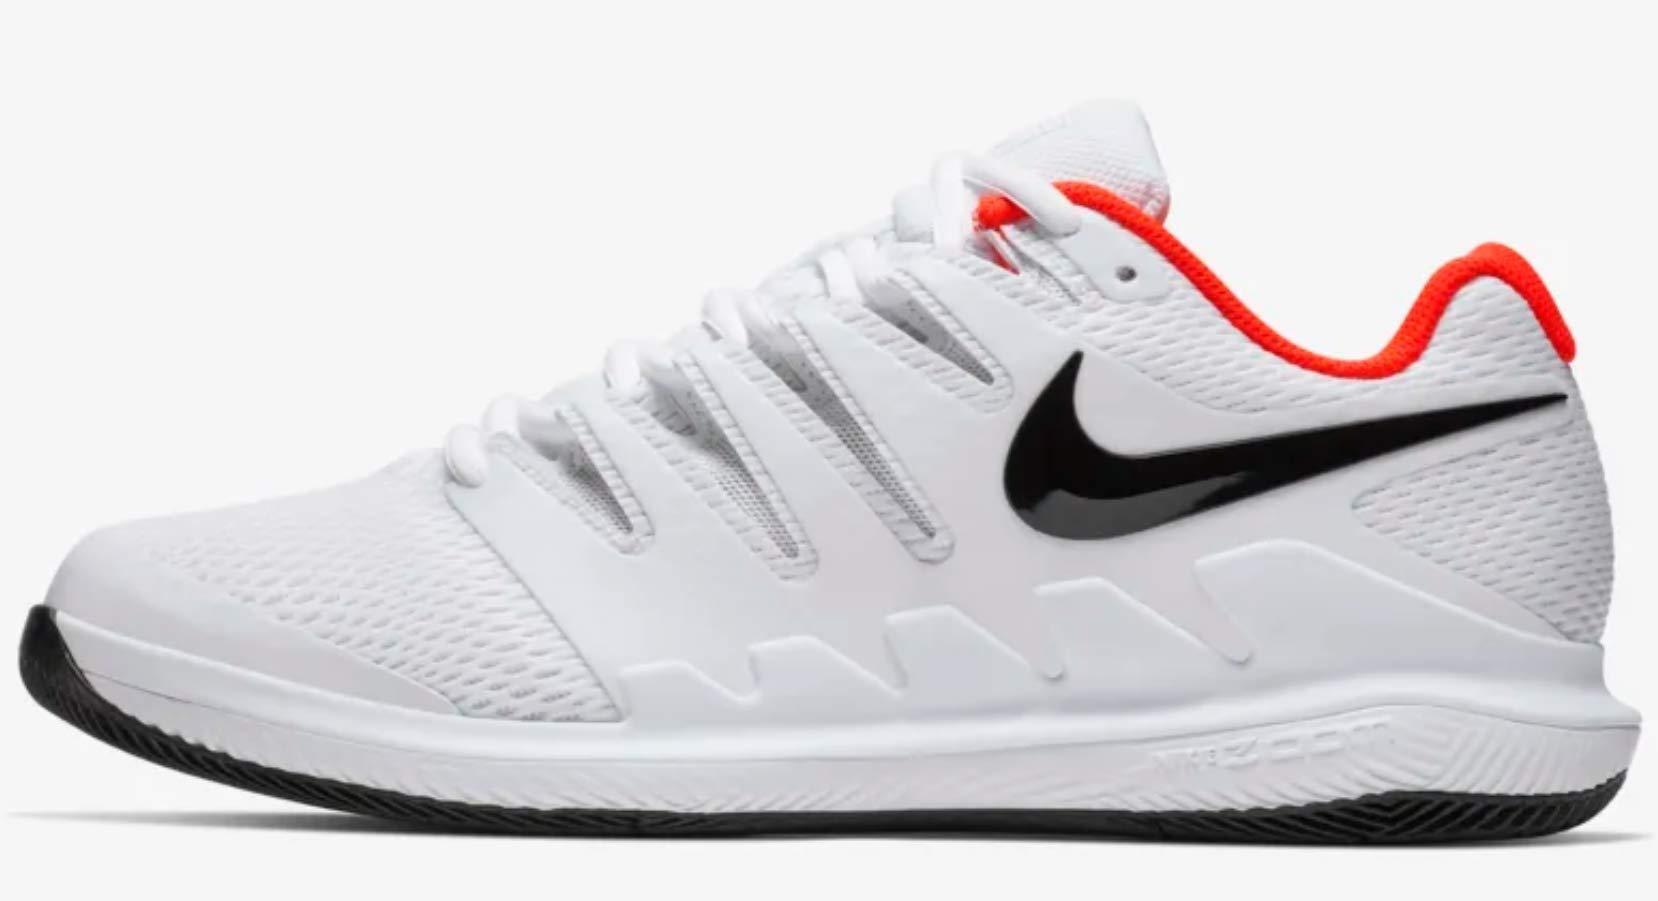 Nike Metcon 4, Atmosphere Grey/VAST Grey-Gum MED Brown, Size 6.5